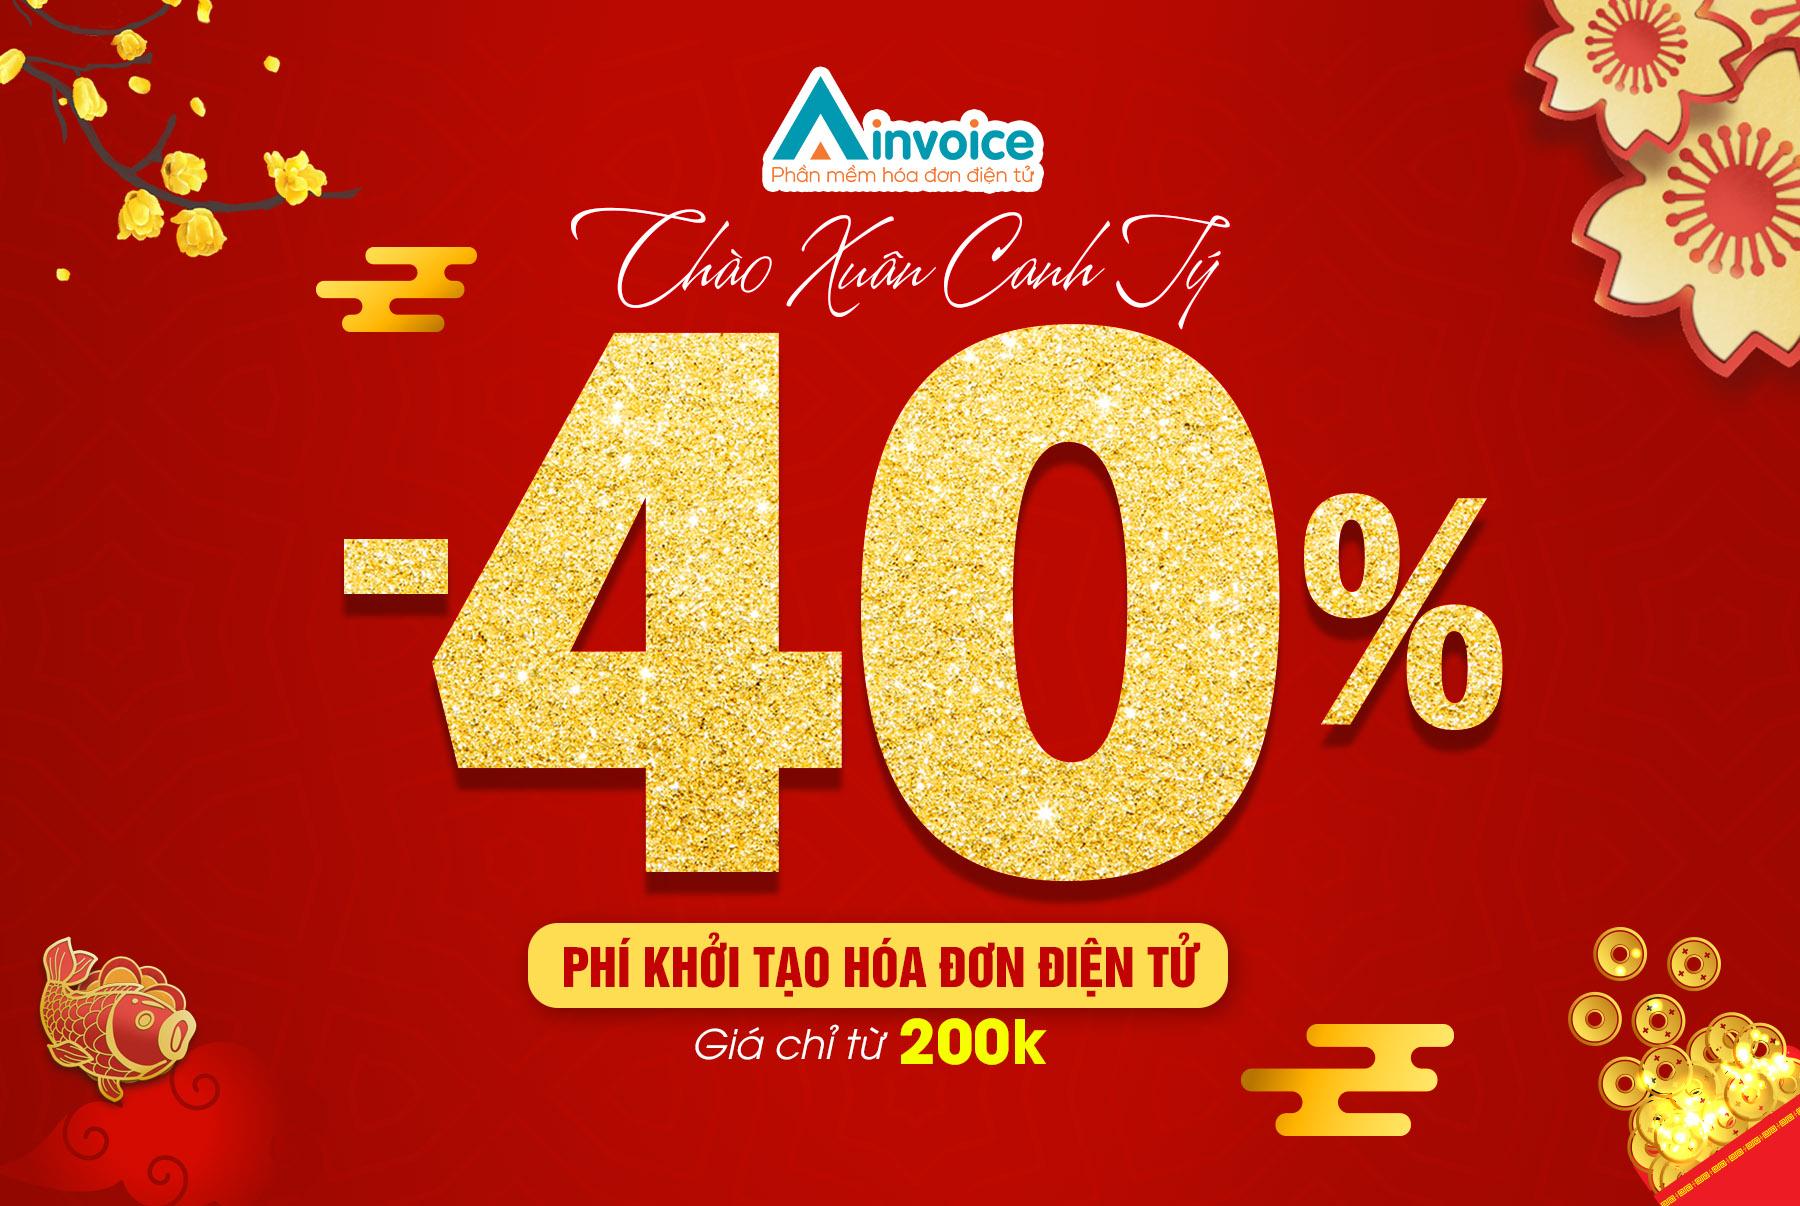 giảm 40% phí khởi tạo hóa đơn điện tử